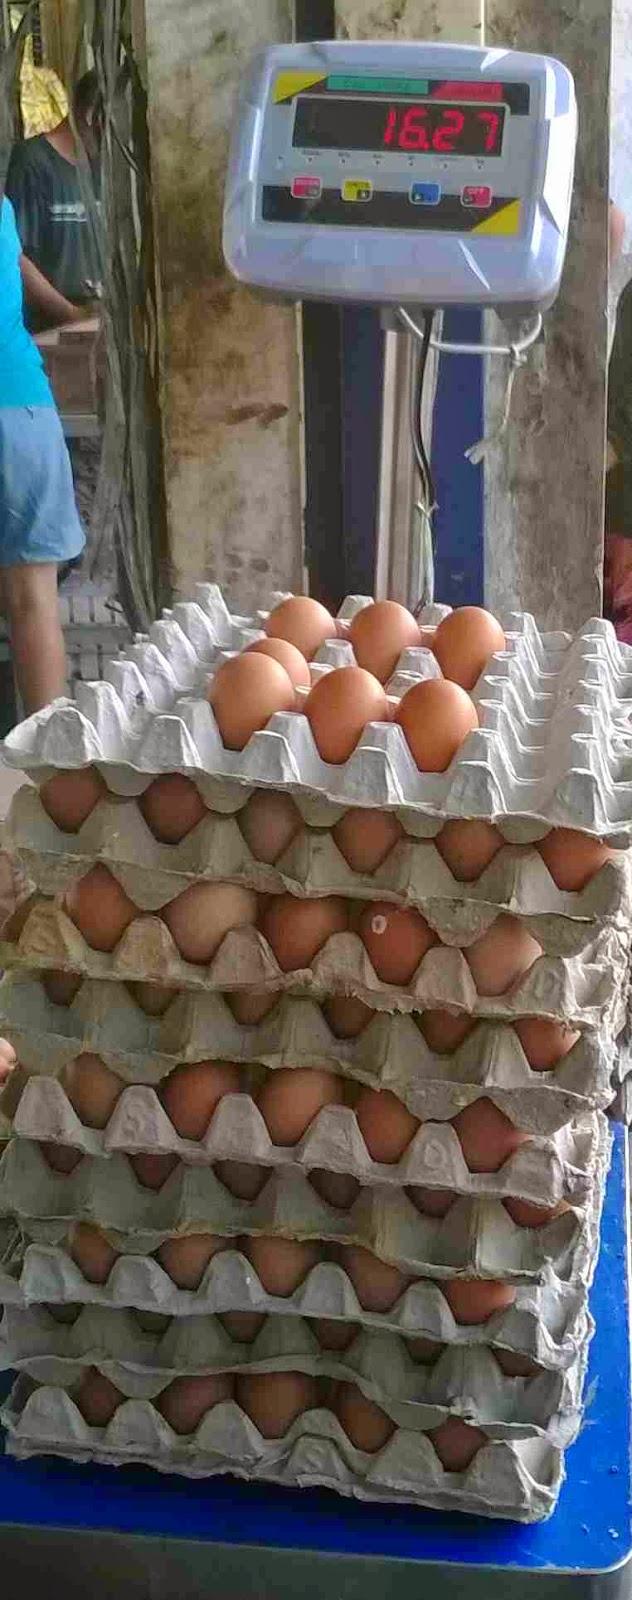 Harga Telur Horn : harga, telur, Telur, Harga, Murah:, Purwakarta, Barat, Sekitarnya., WIJAYA, TELUR